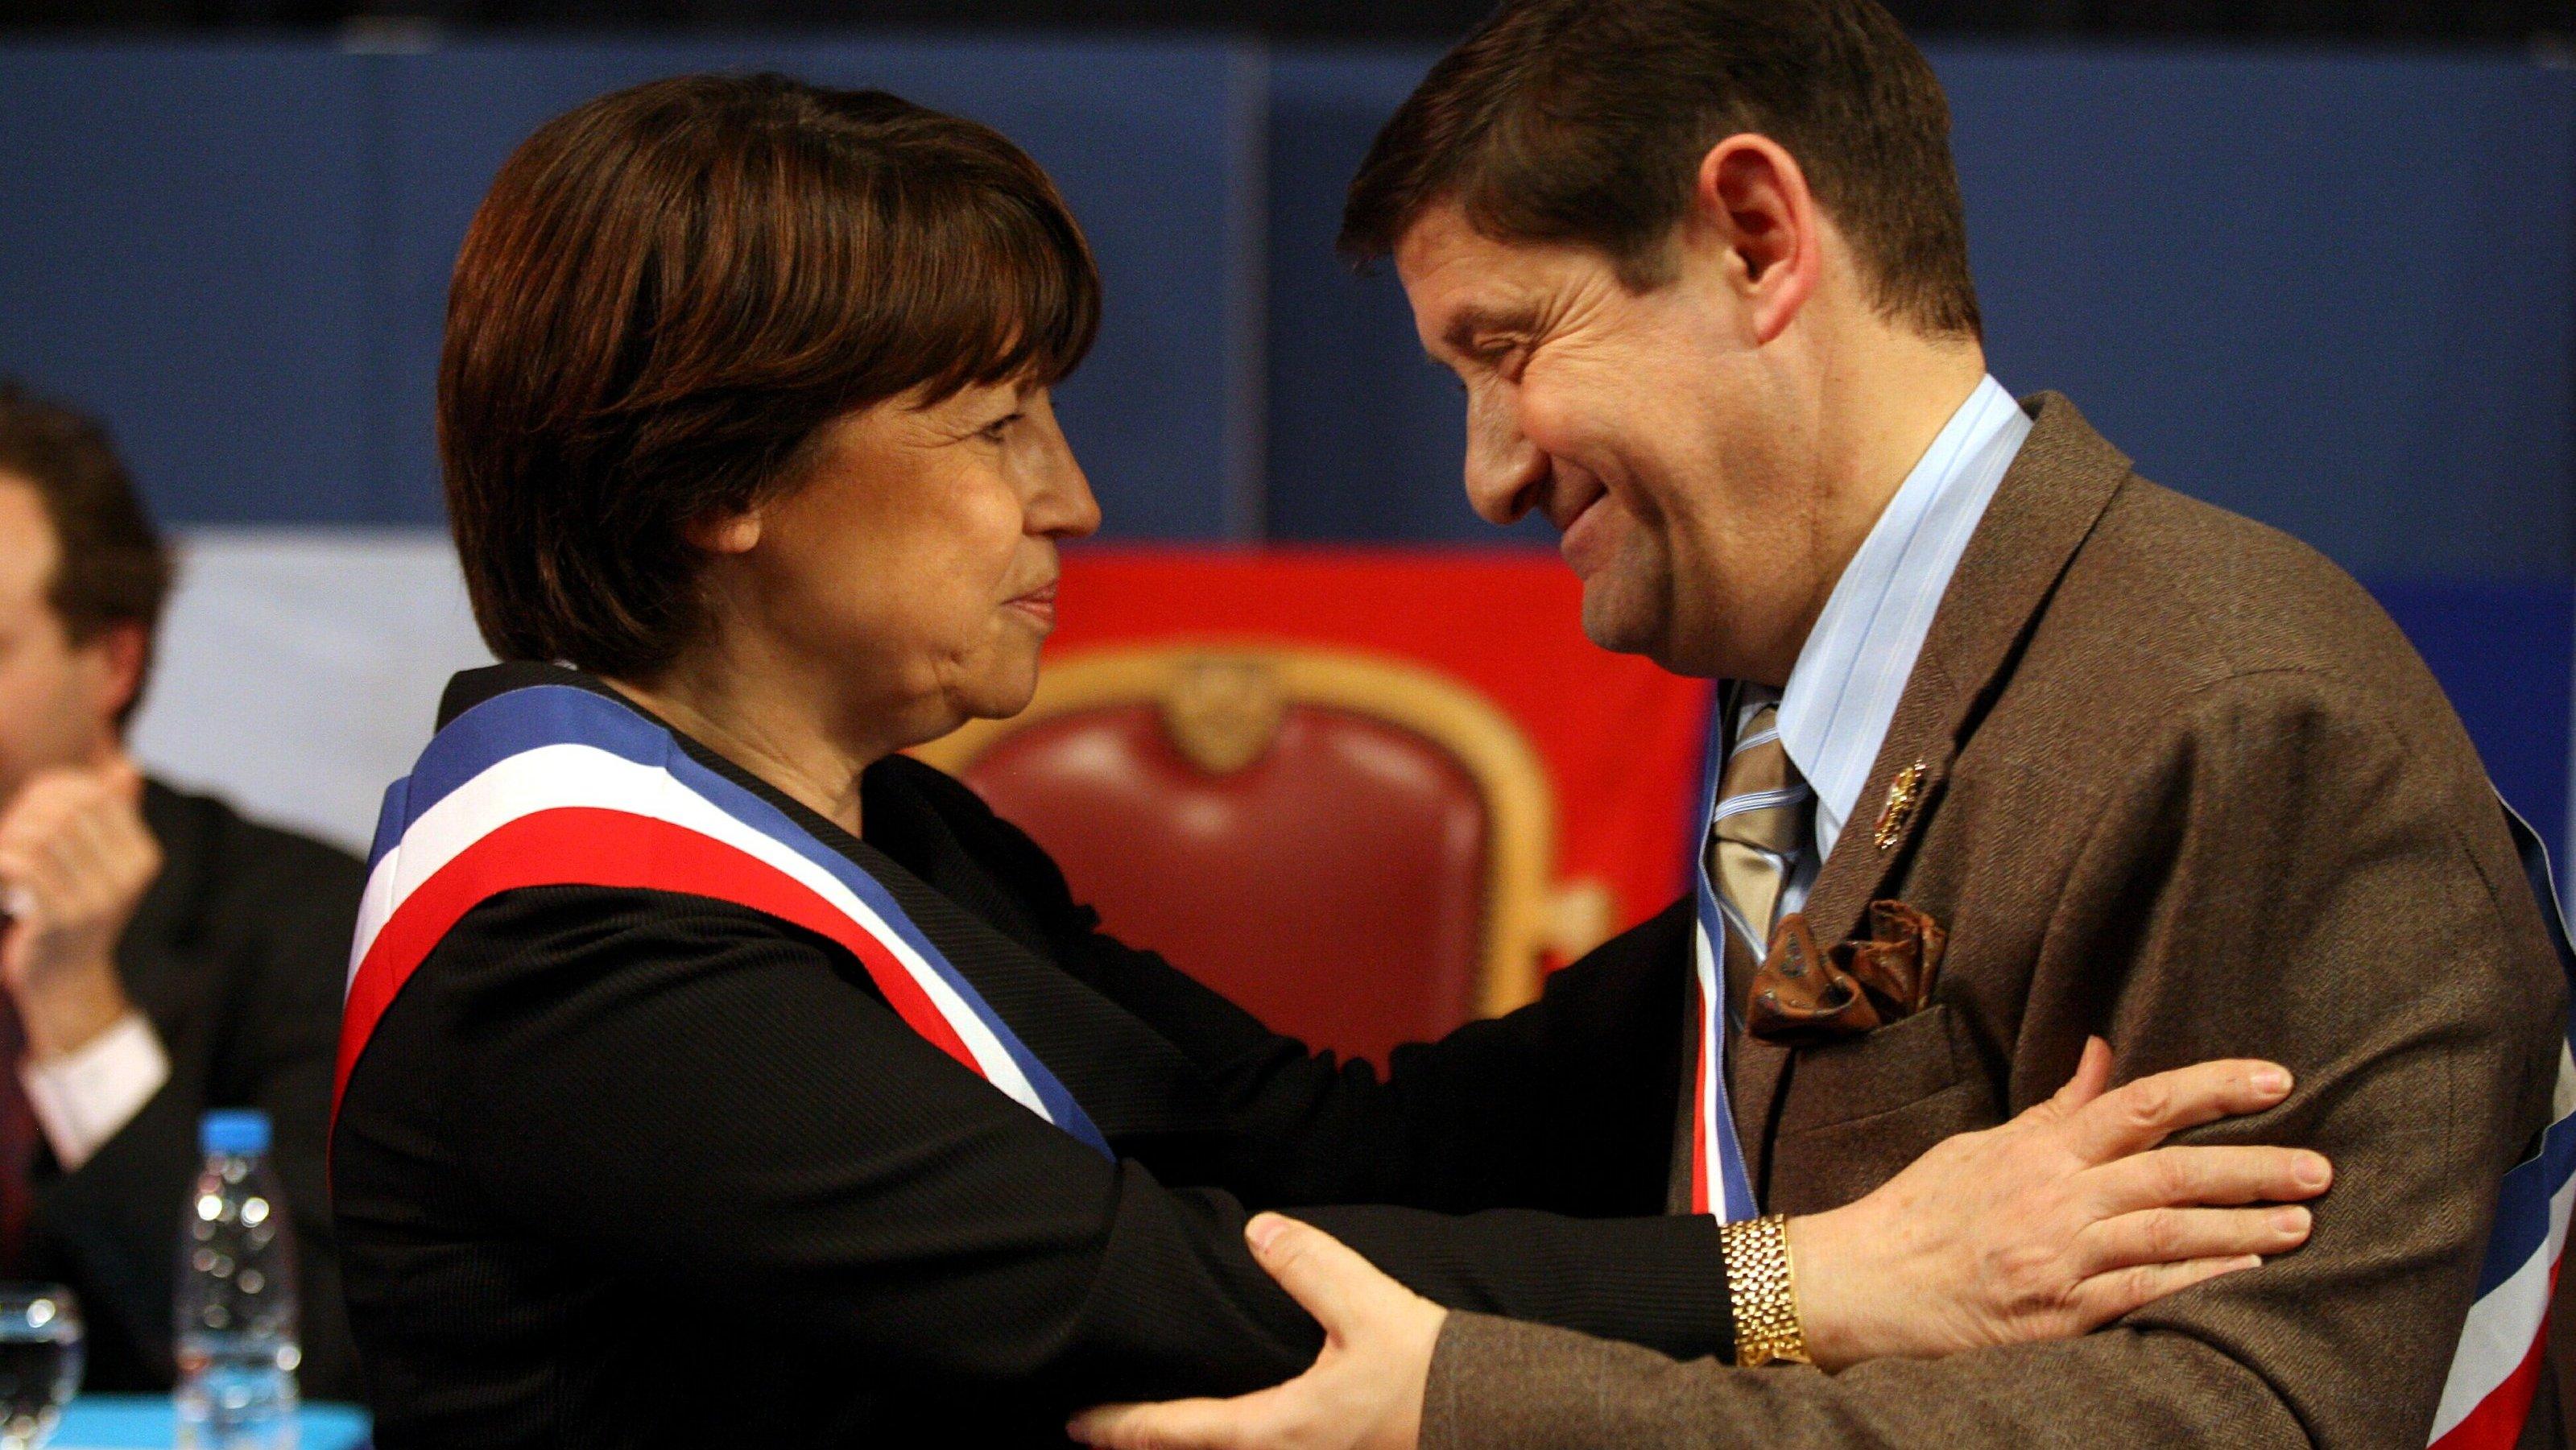 Le PCF n'est pas responsable de la chute de popularité de Hollande et de son gouvernement (PCF 59)